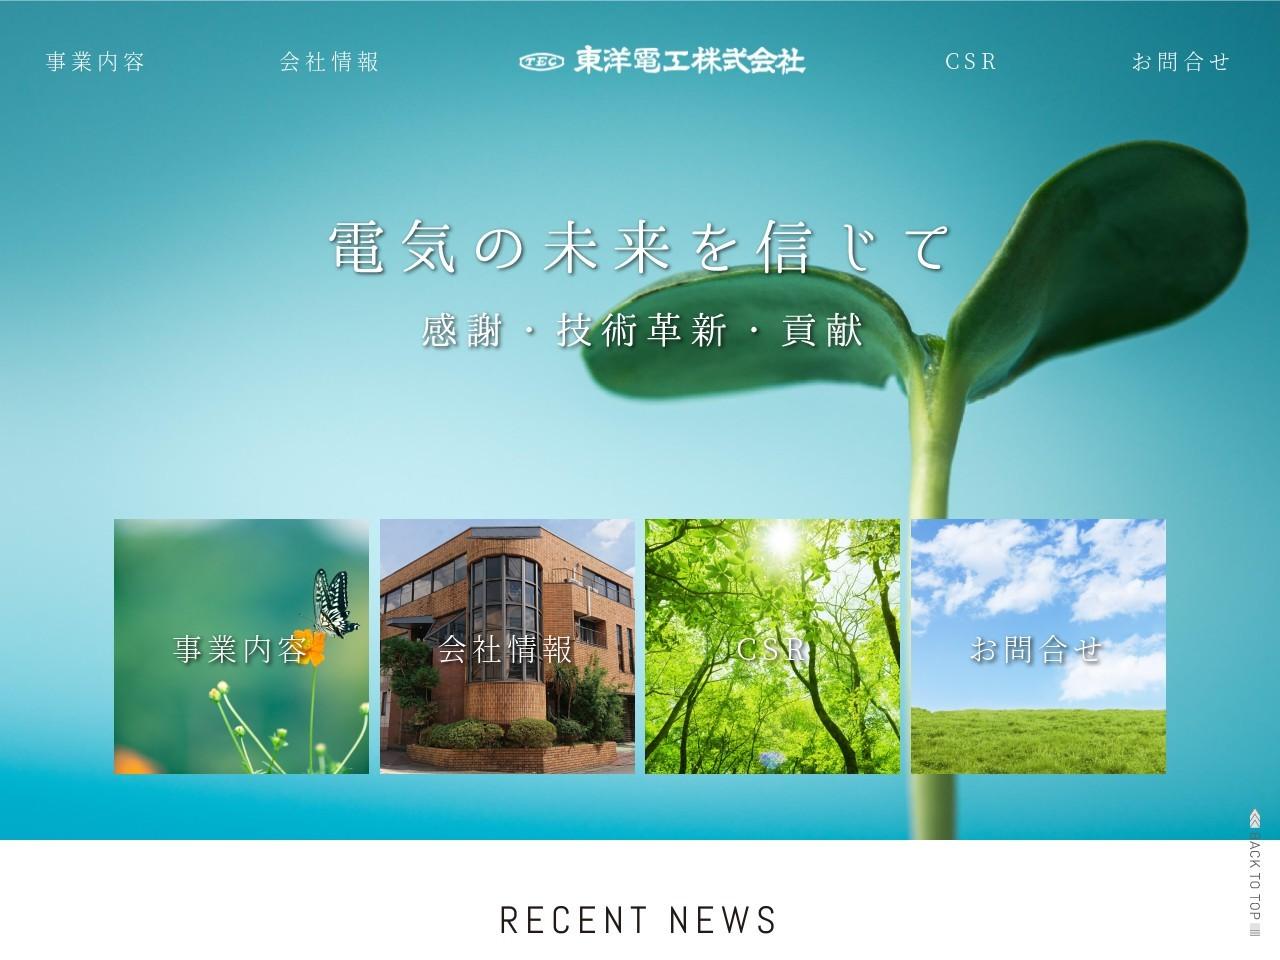 東洋電工株式会社石山作業所